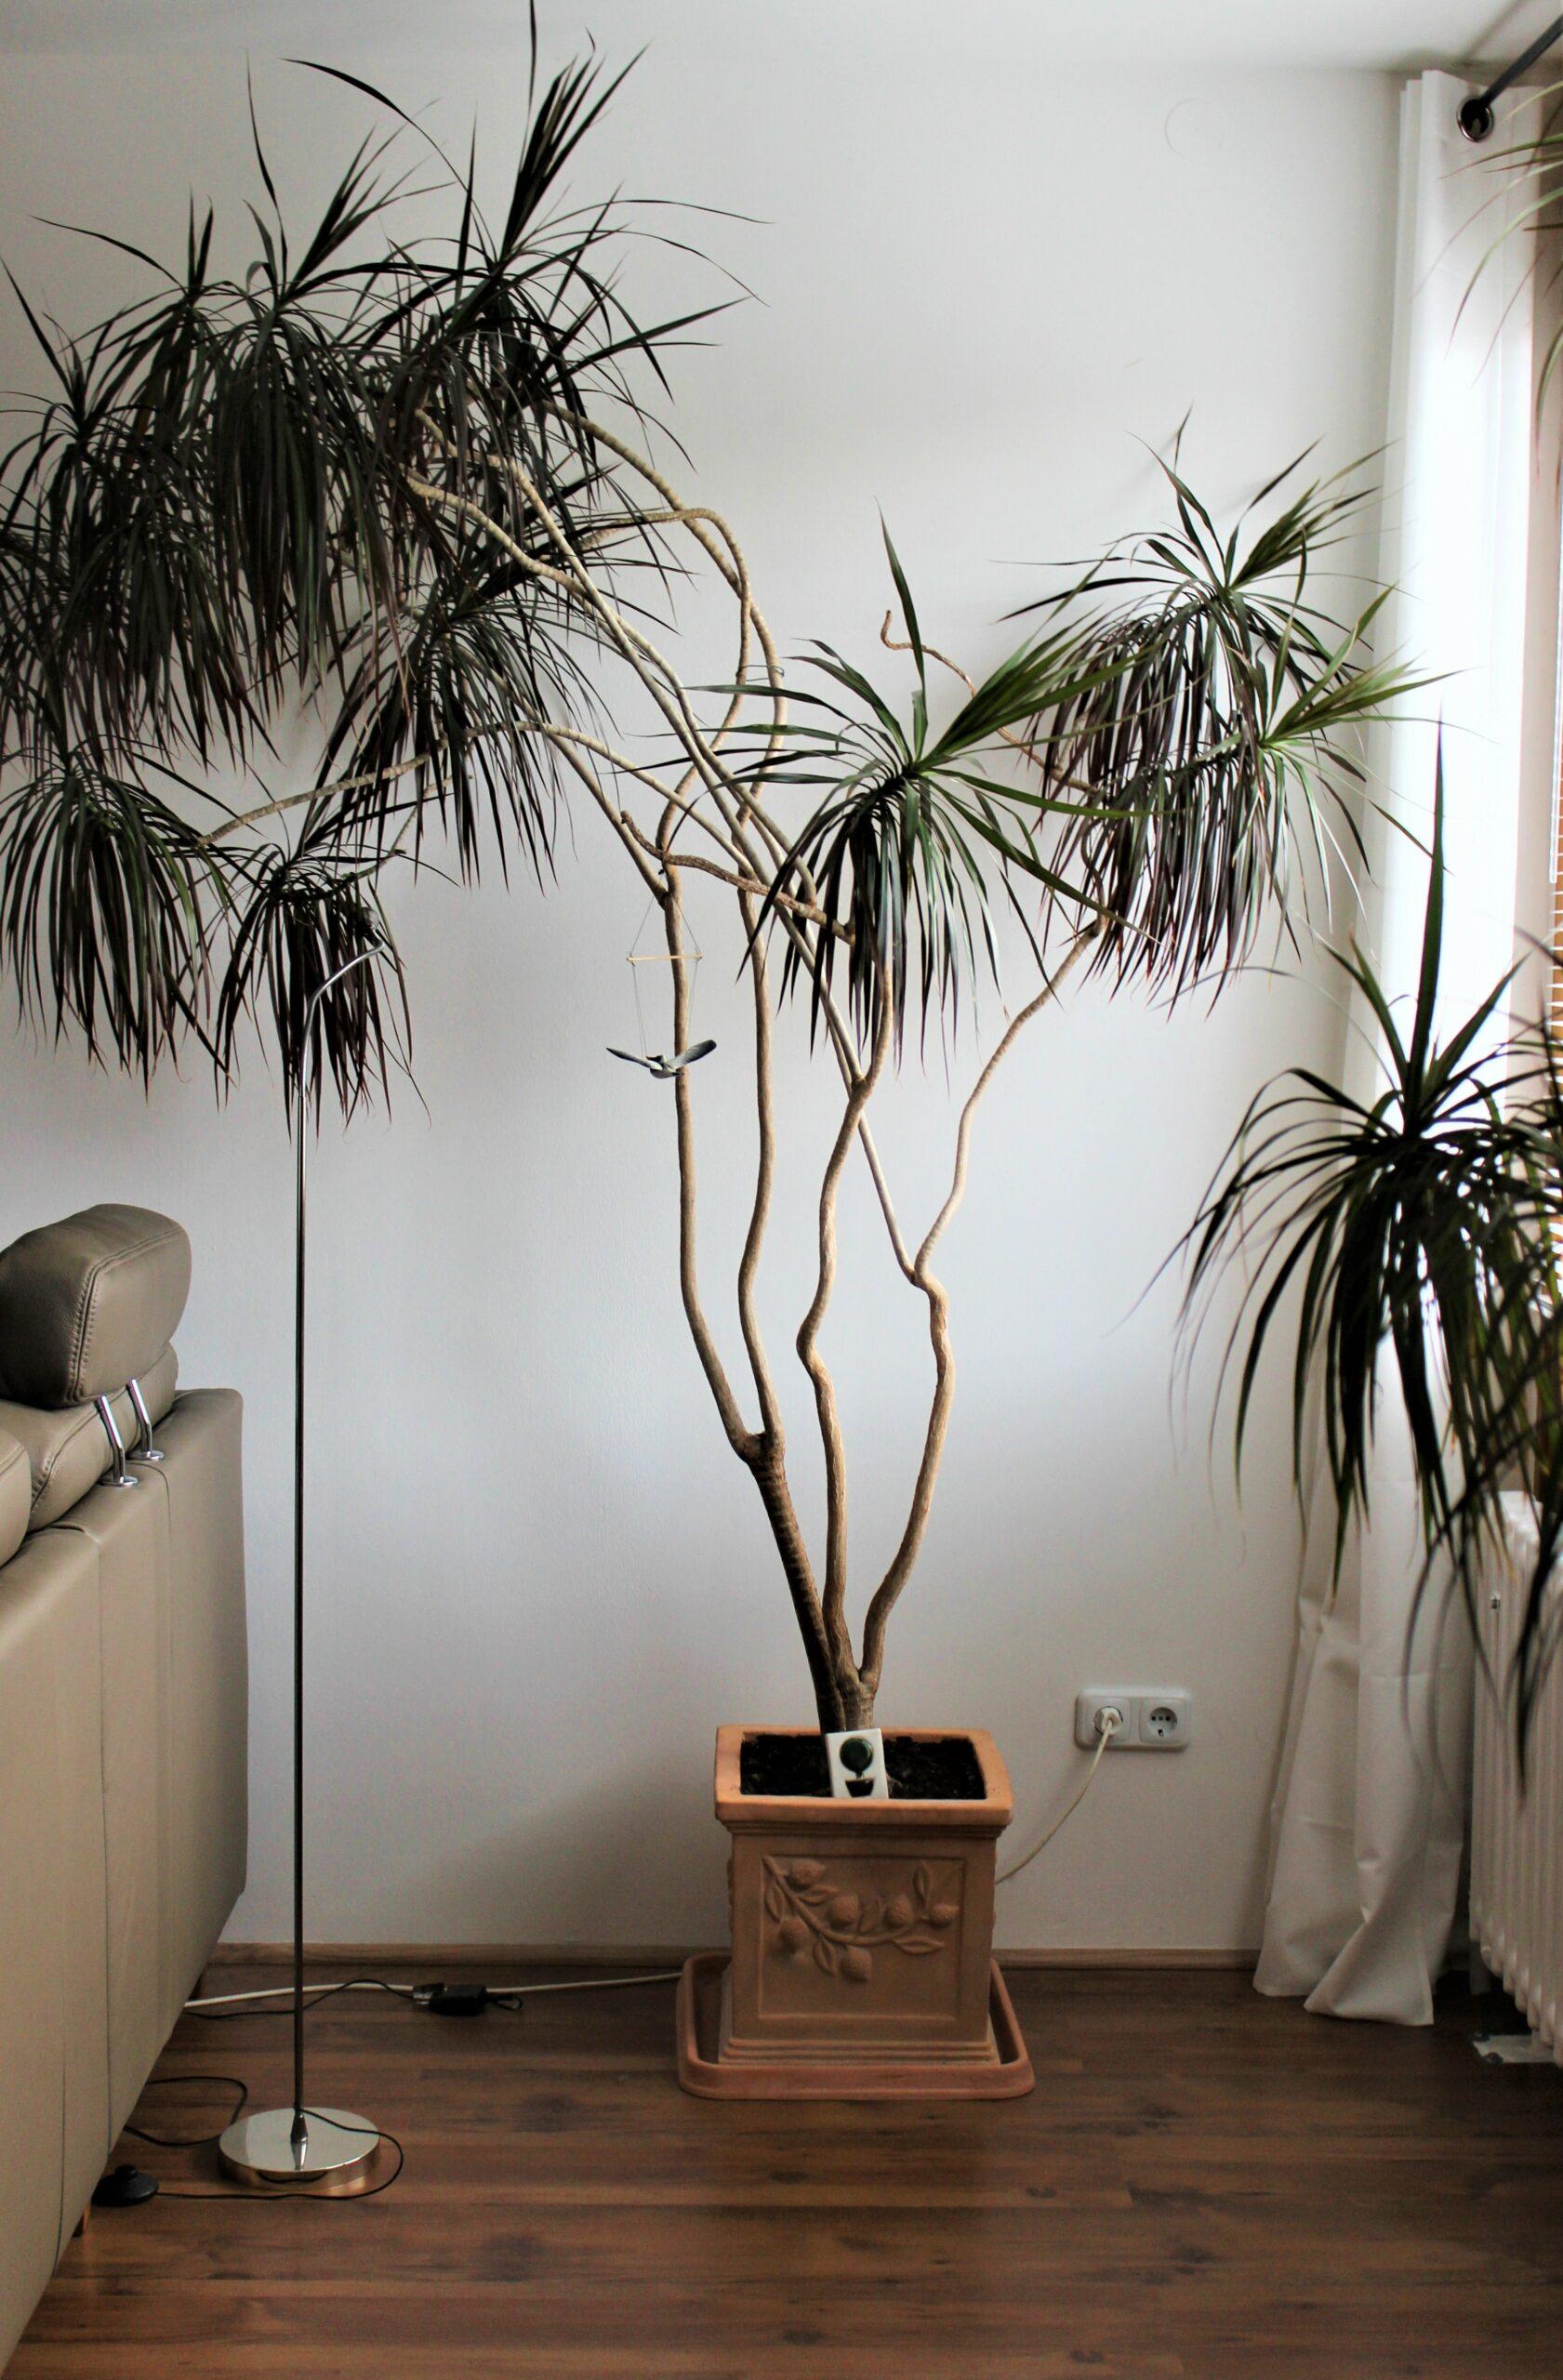 Drachenbaum+ 1 x Zimmerpflanze 2.50 Hoch. mit Terrakotta